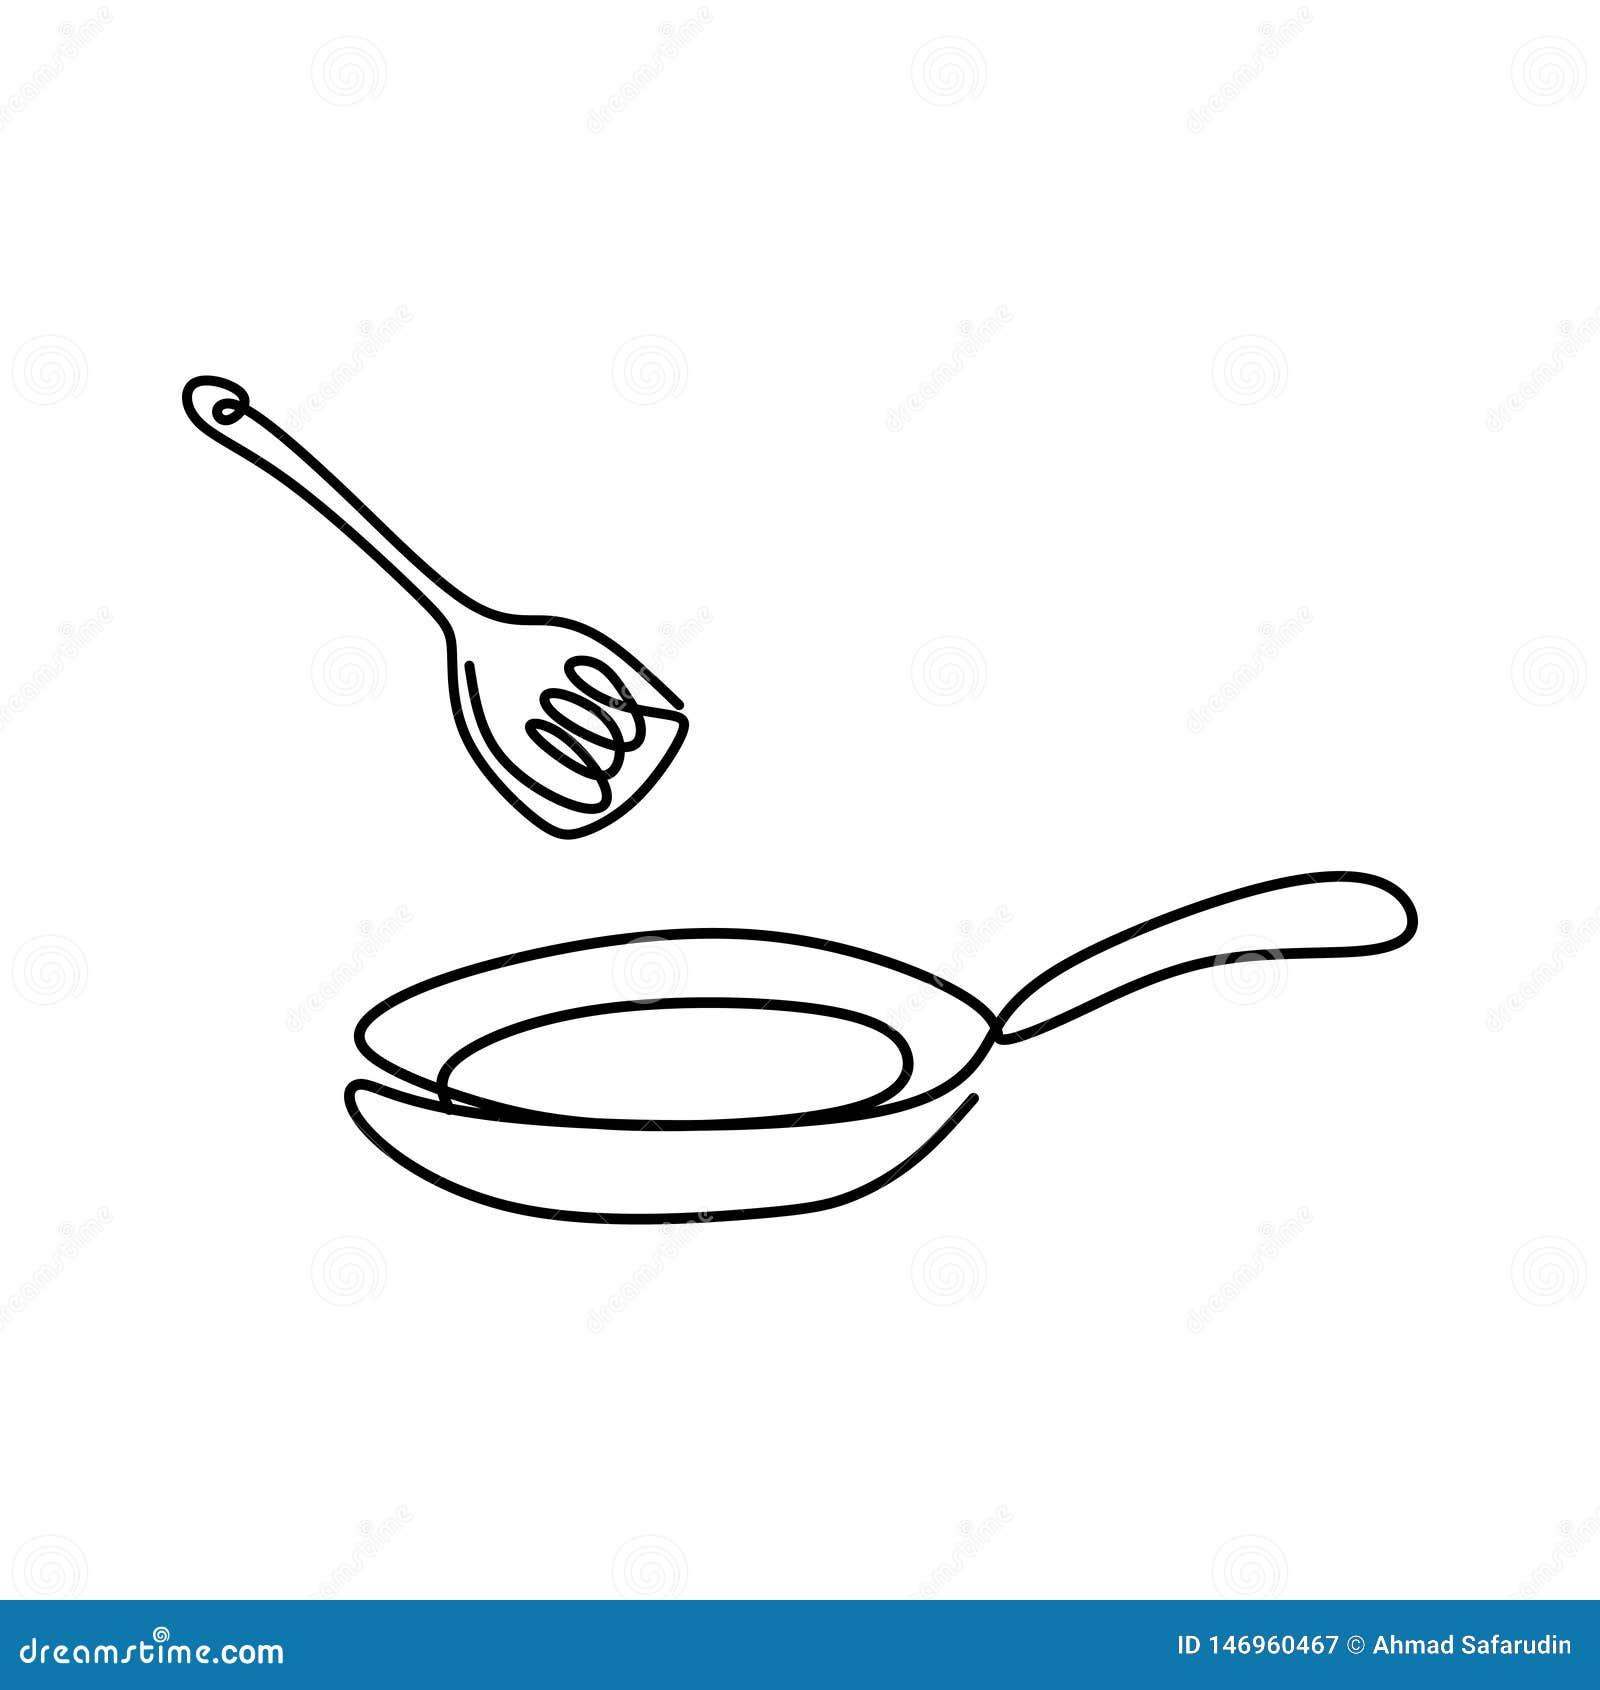 Substance de cuisine de la ligne de la poêle une conception minimaliste de dessin continue sur le fond blanc